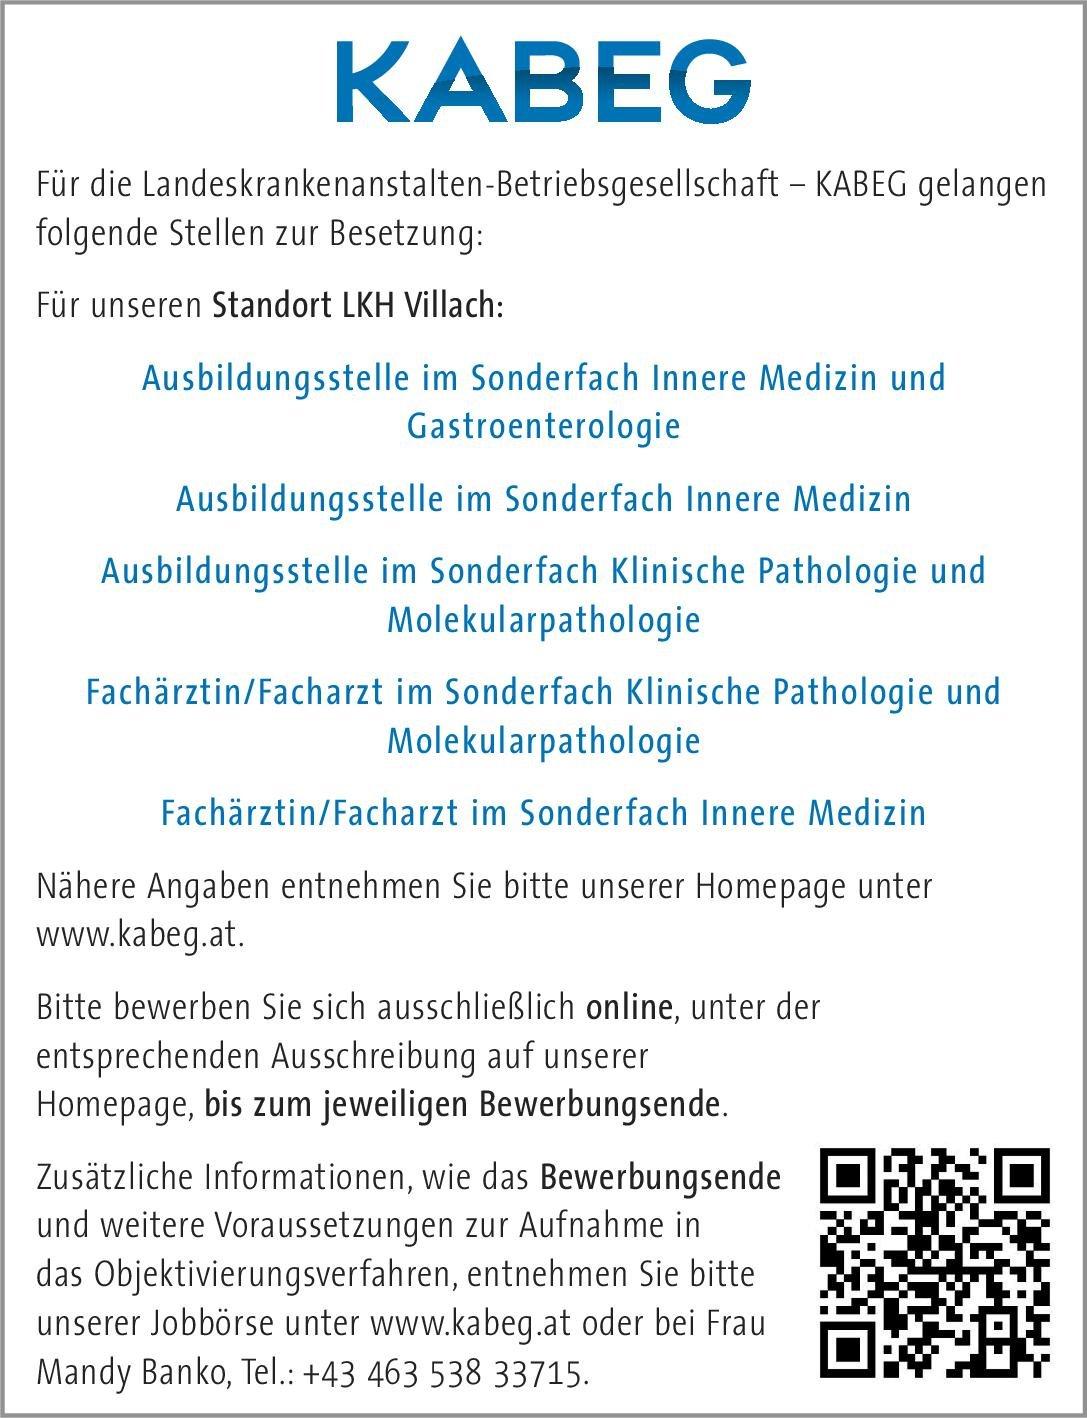 Landeskrankenanstalten-Betriebsgesellschaft – KABEG - LKH Villach Fachärztin/Facharzt im Sonderfach Klinische Pathologie und Molekularpathologie  Pathologie Arzt / Facharzt